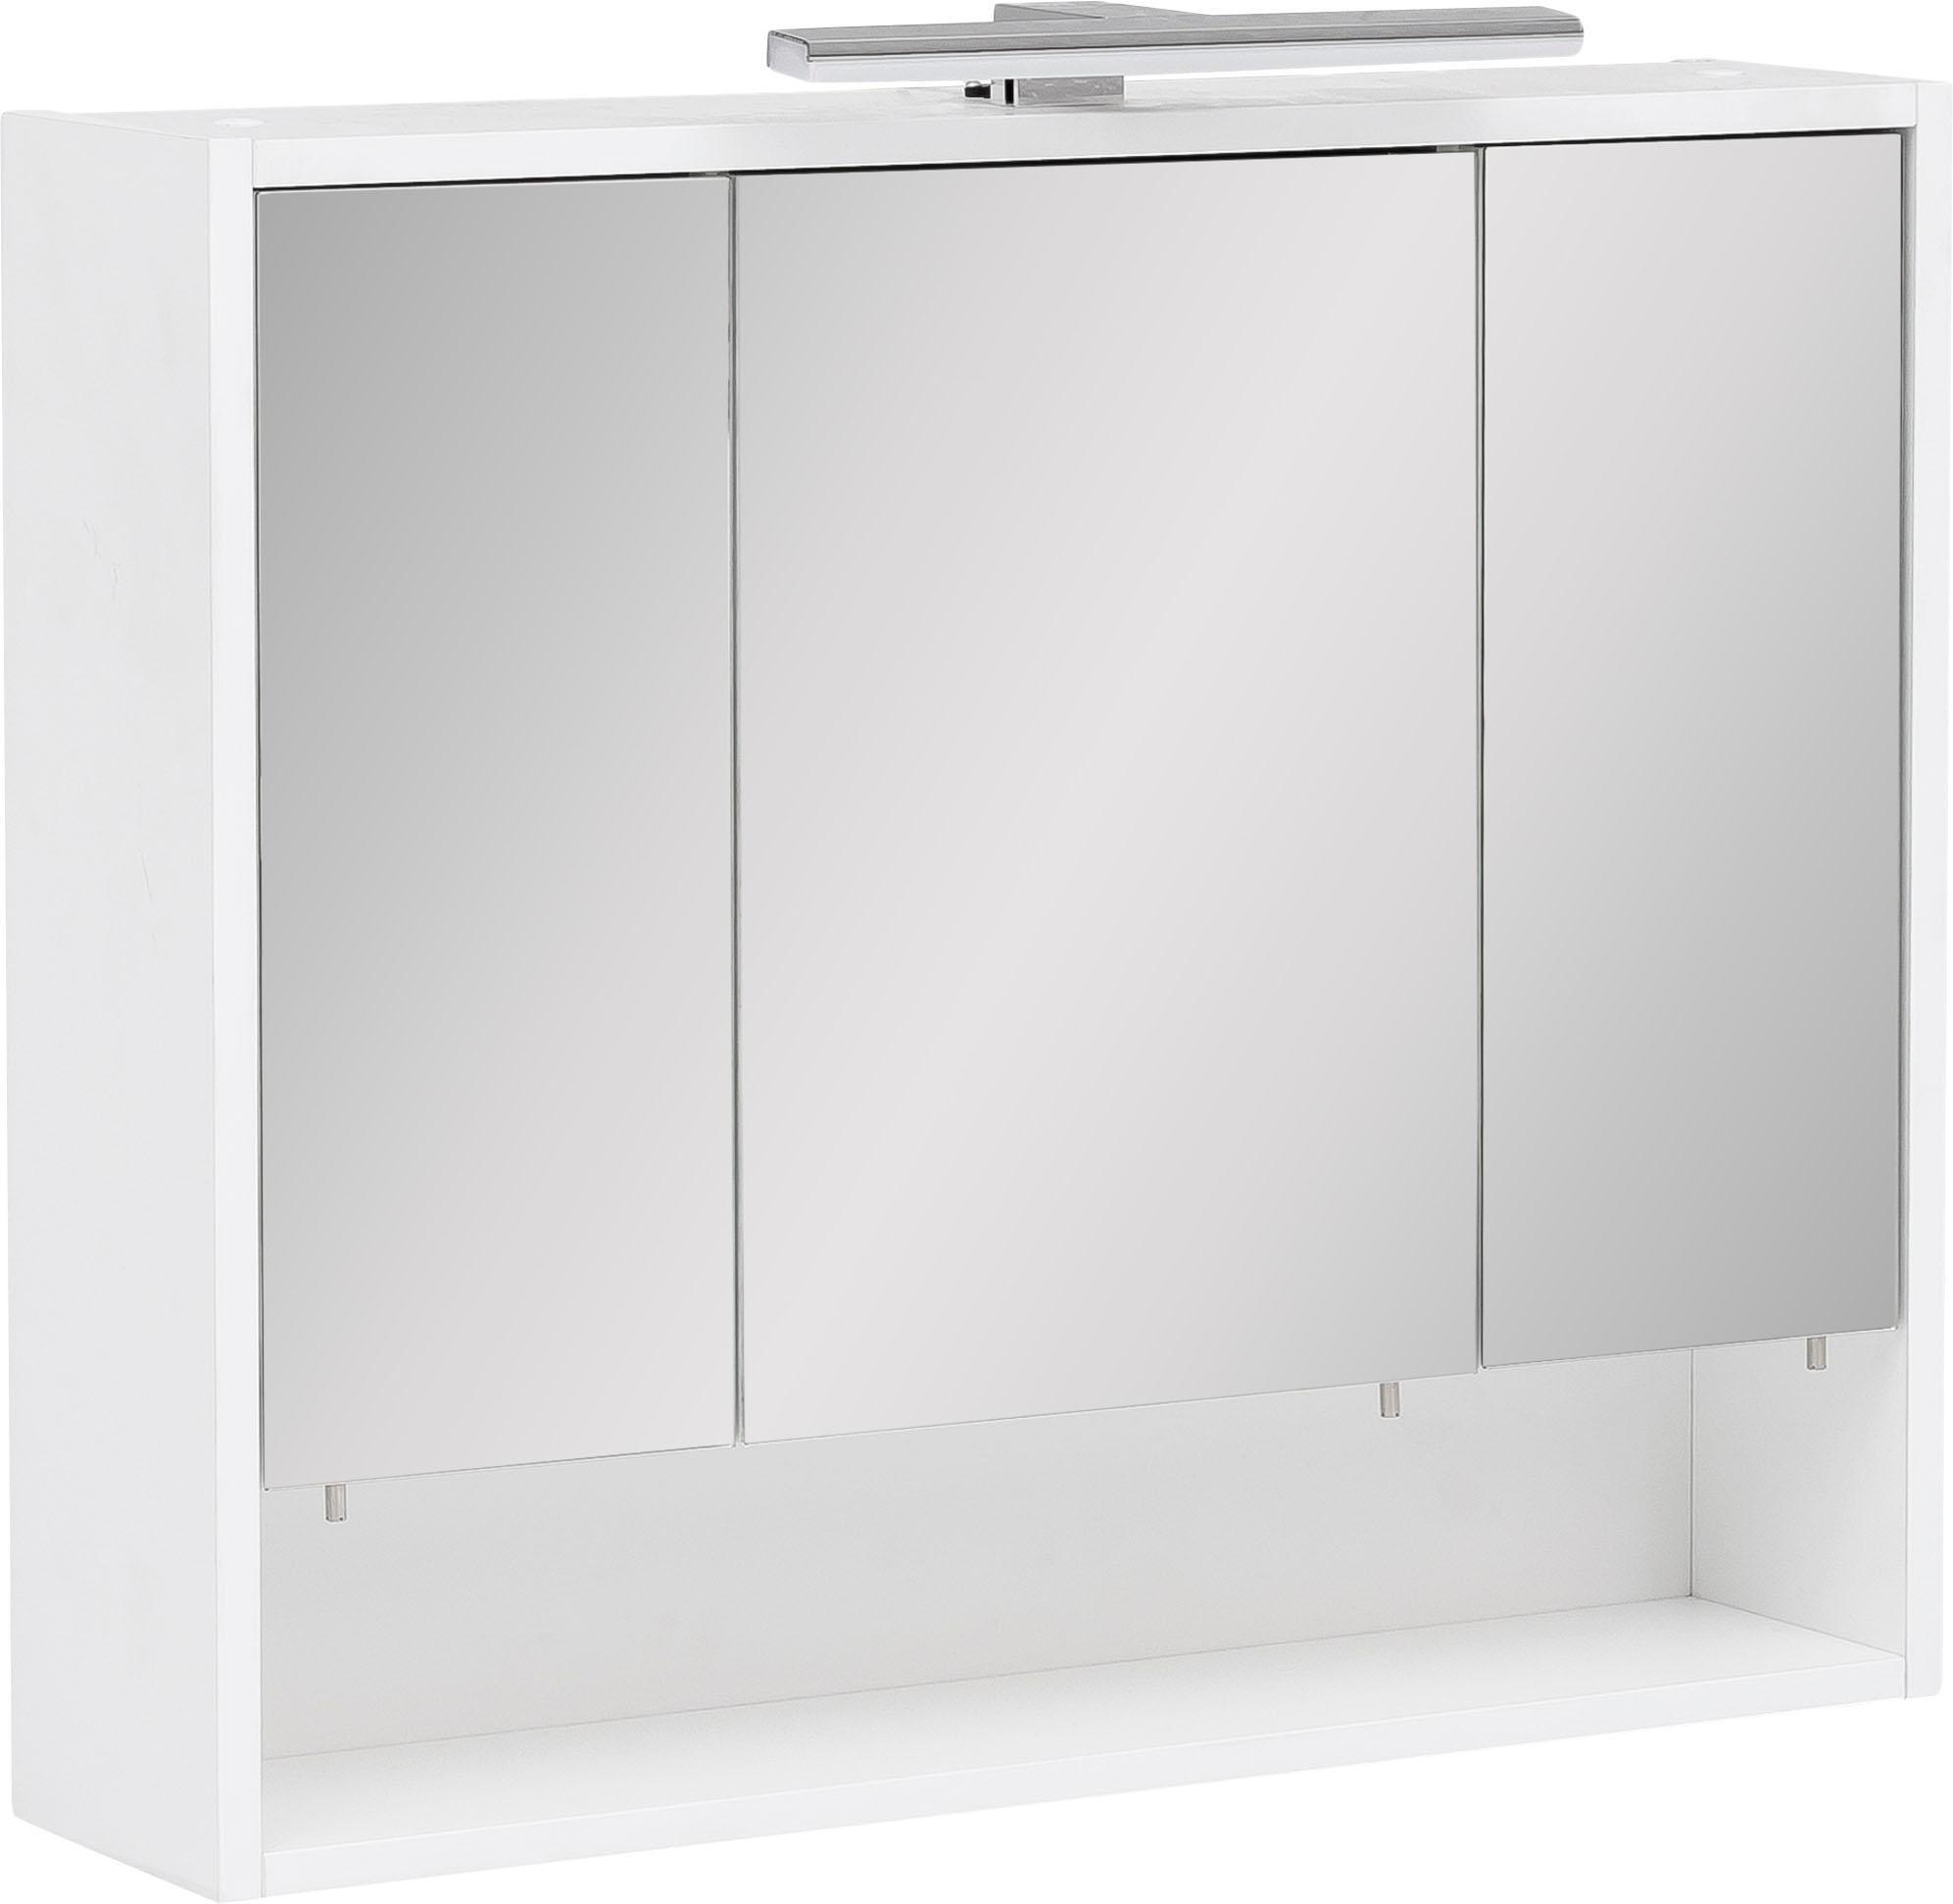 Schildmeyer spiegelkast »Kimi« bij OTTO online kopen